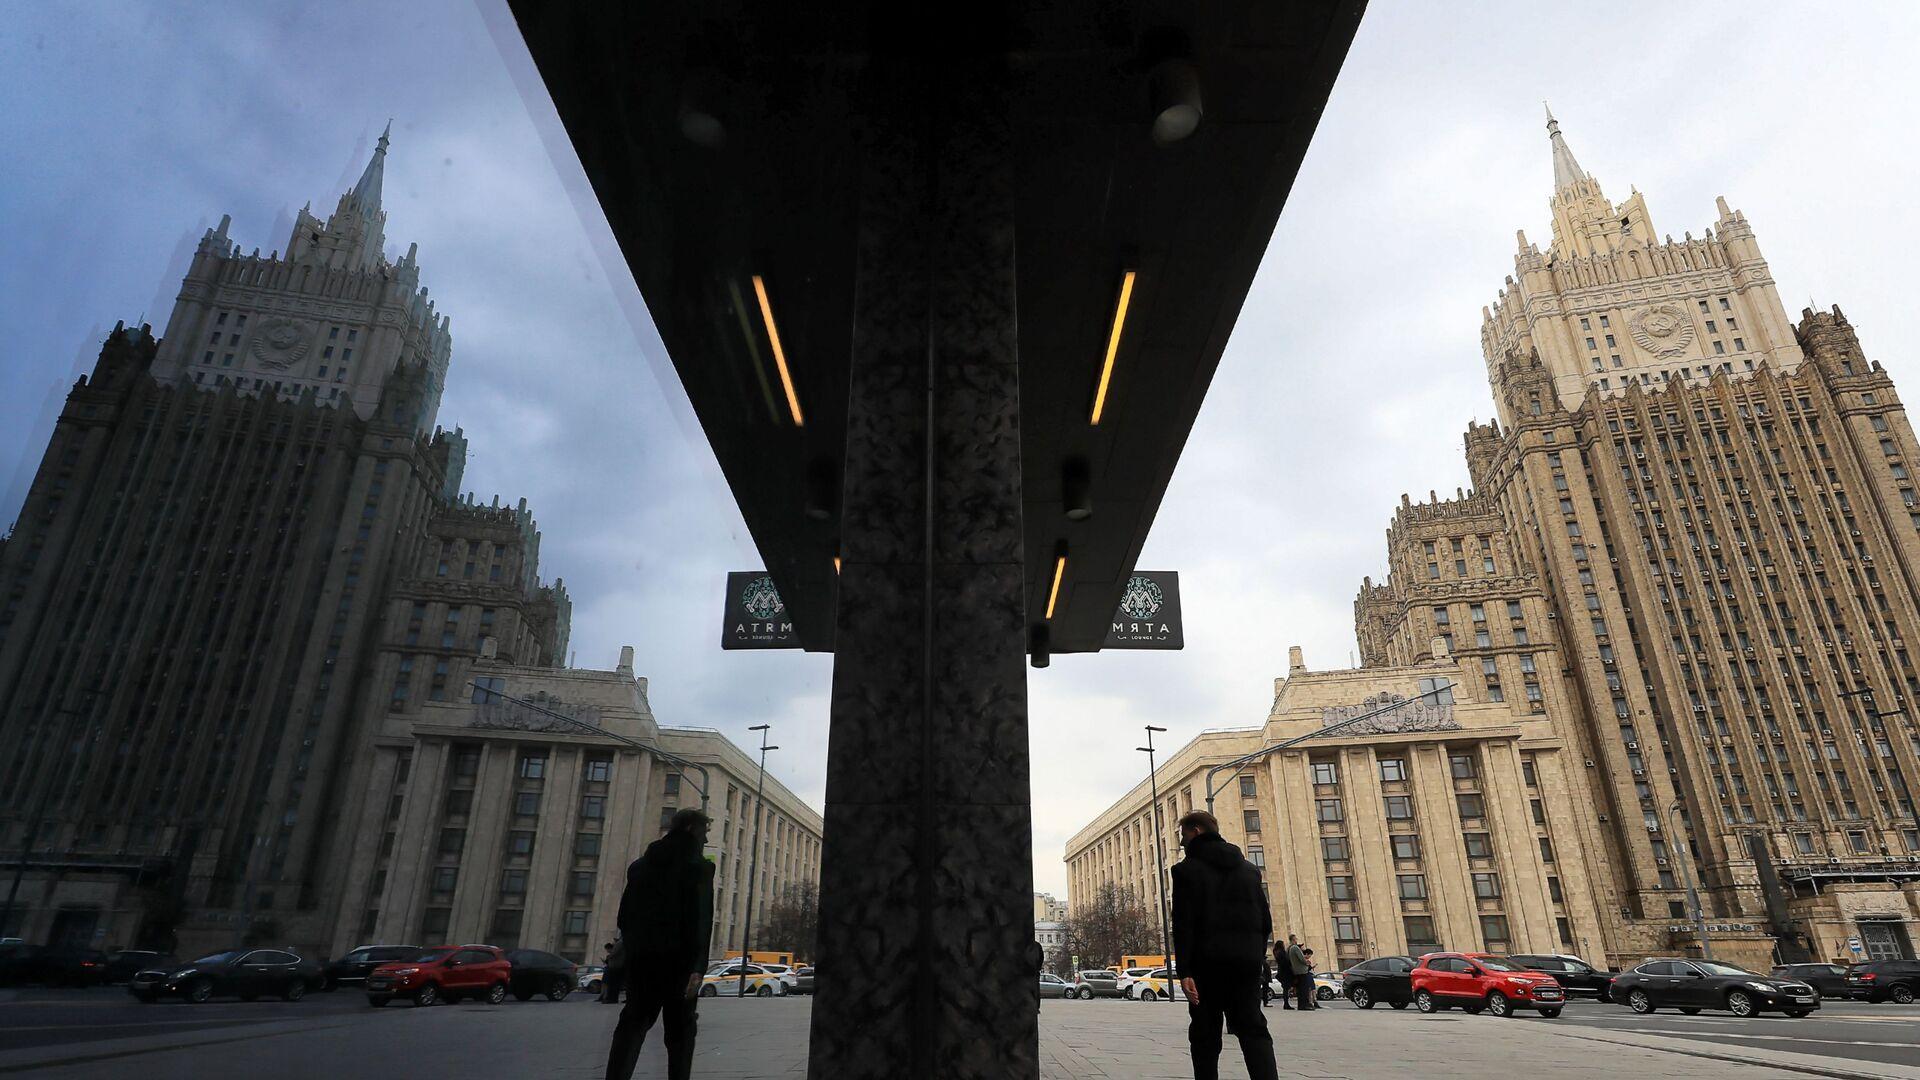 Здание Министерства иностранных дел РФ (в центре), фото из архива - Sputnik Азербайджан, 1920, 13.09.2021